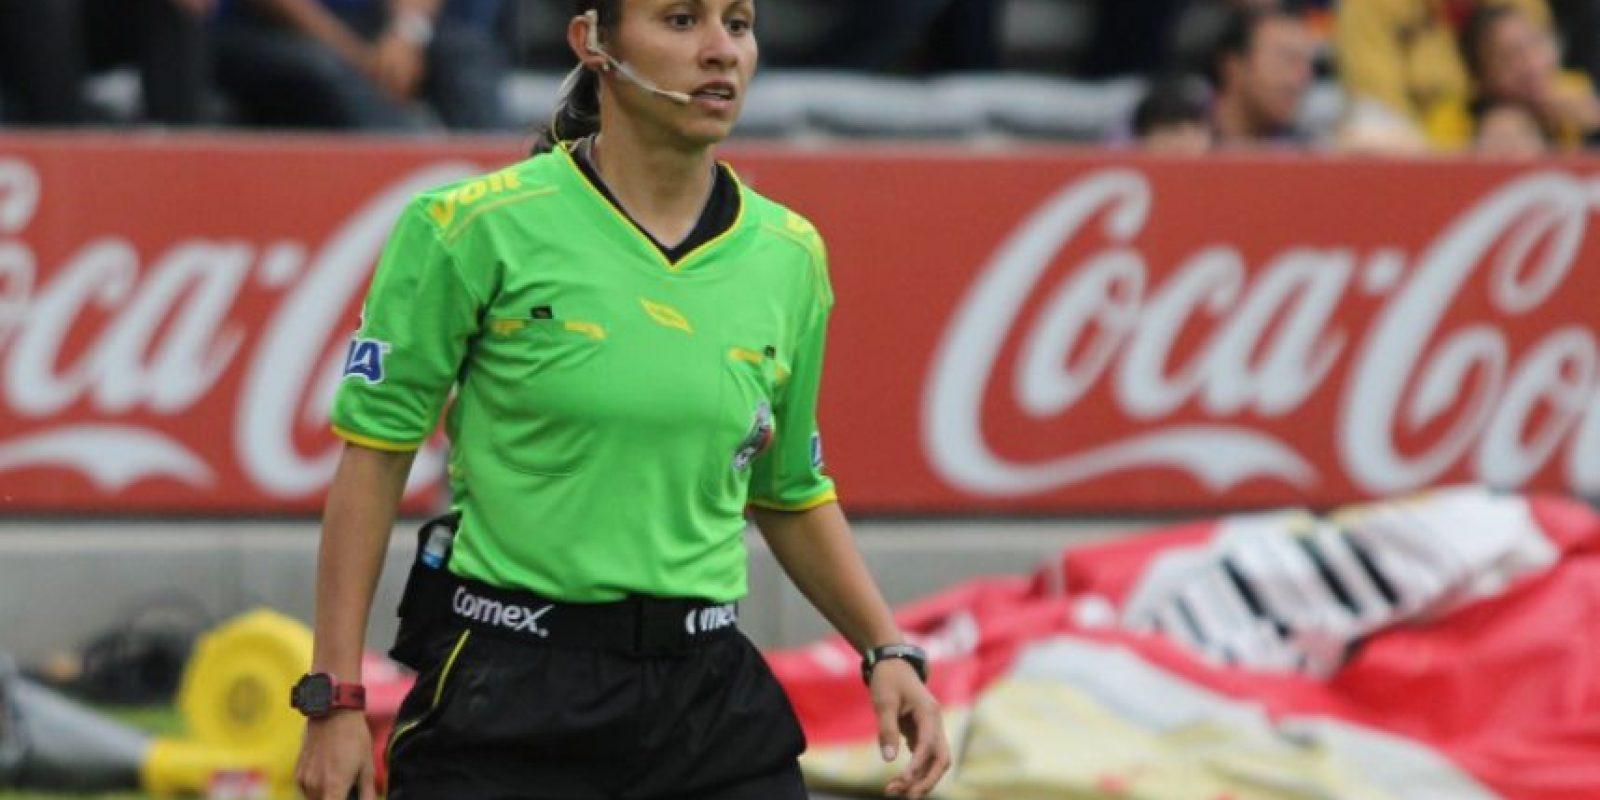 Mayte Ivonne Chávez García.- Las tres mujeres que debutarán como árbitros en el Apertura 2016 Foto:Femeffut.org.mx